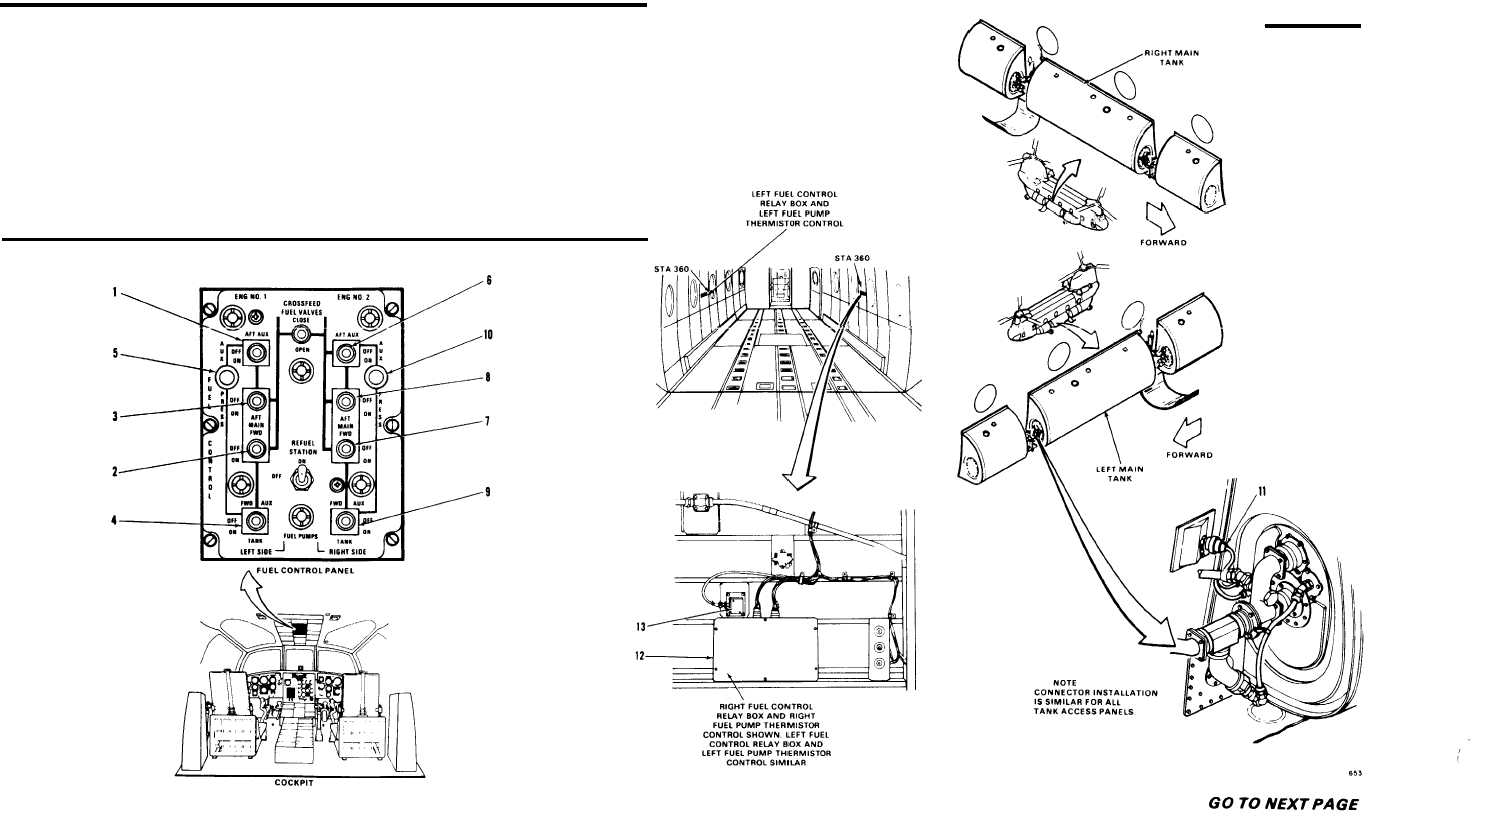 Aircraft Design Manual